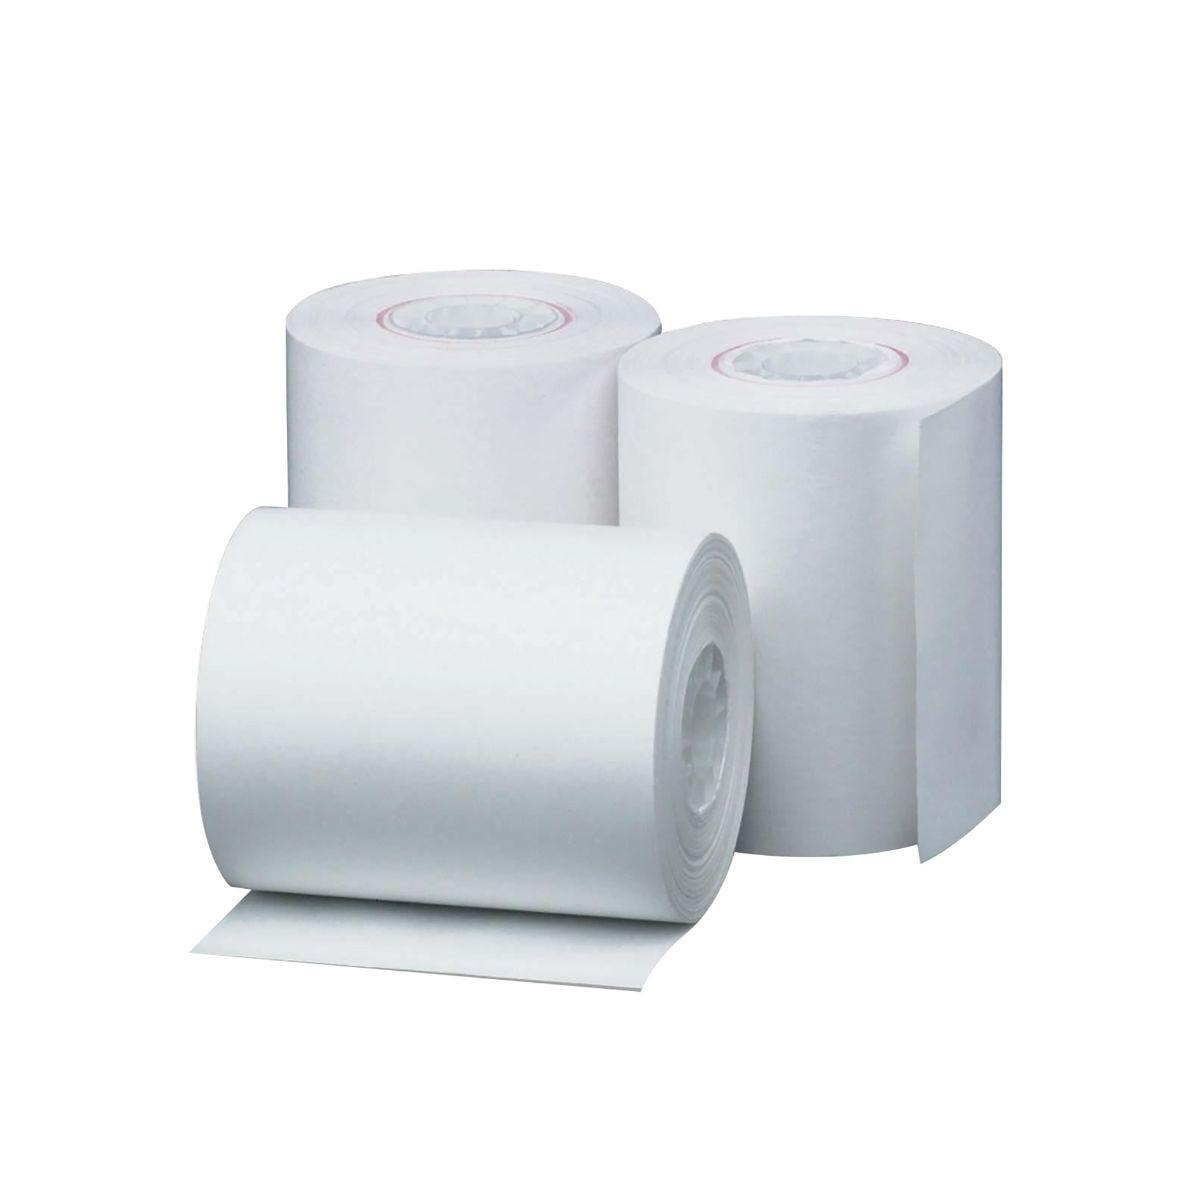 Prestige Cash Register Till Roll 1-Ply 76mmx76mm Pack of 20, White